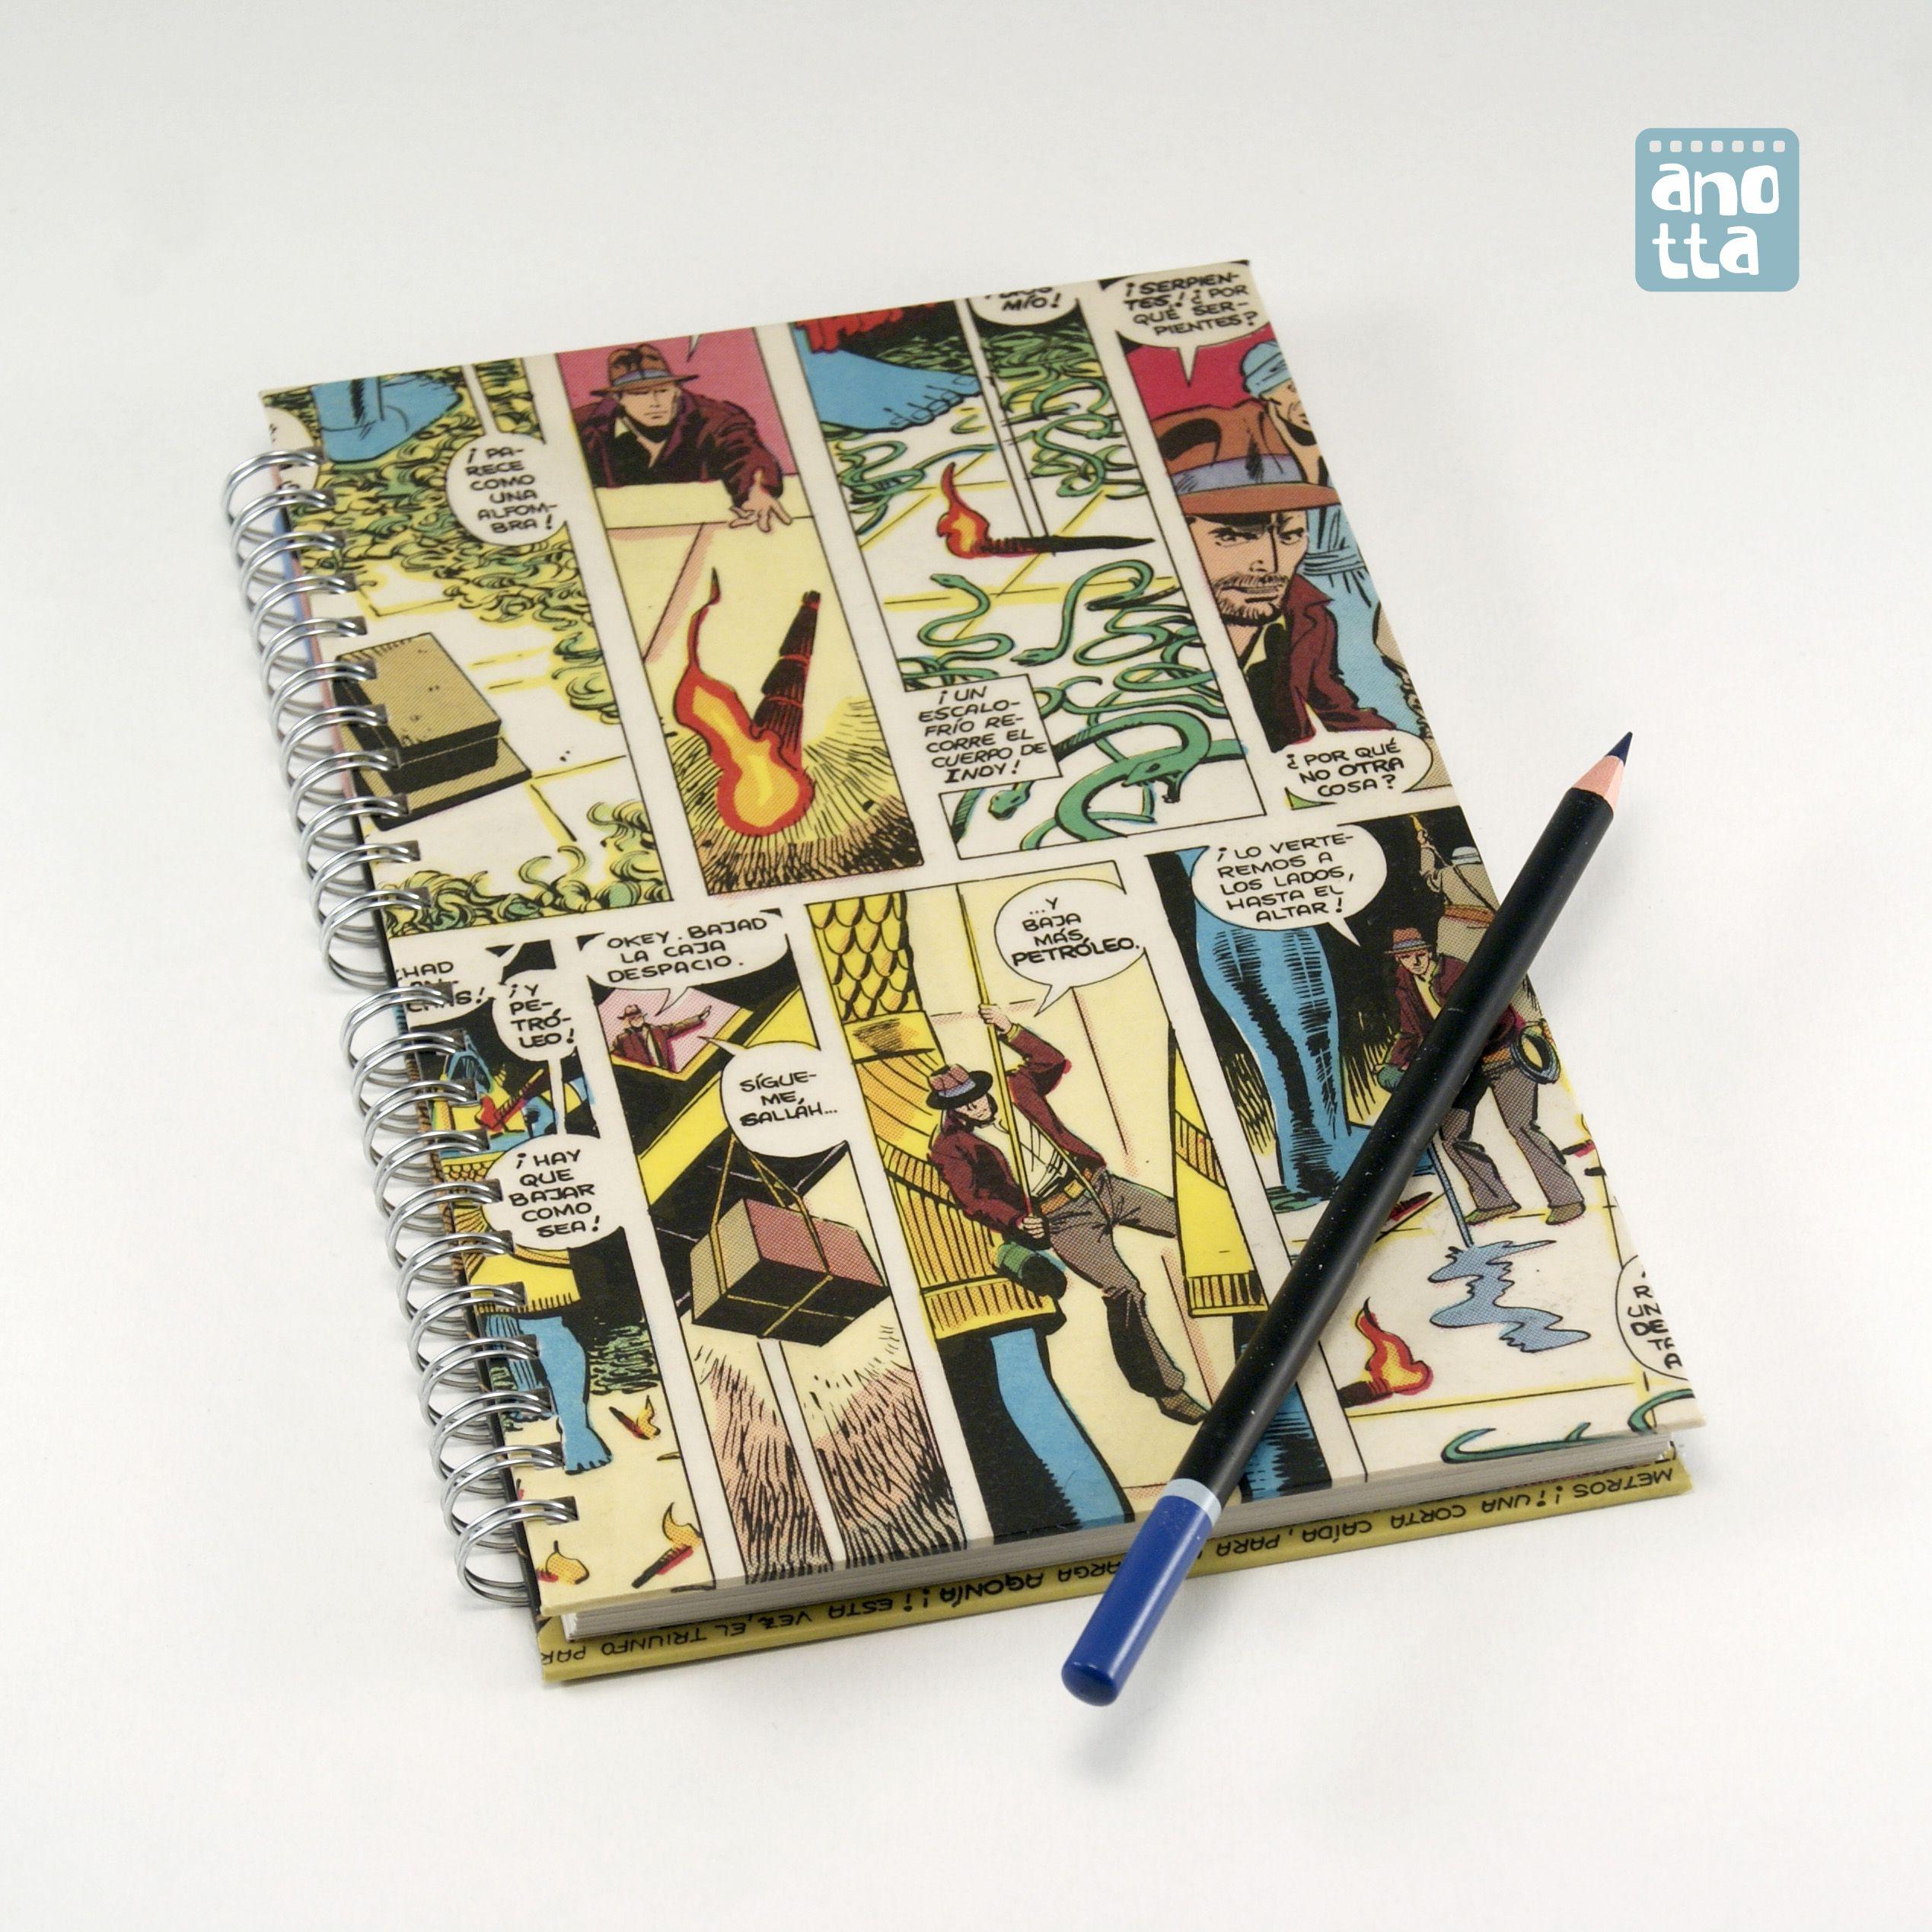 Libreta hecha a mano reciclando 4 páginas de un viejo ejemplar del cómic «En busca del arca perdida».